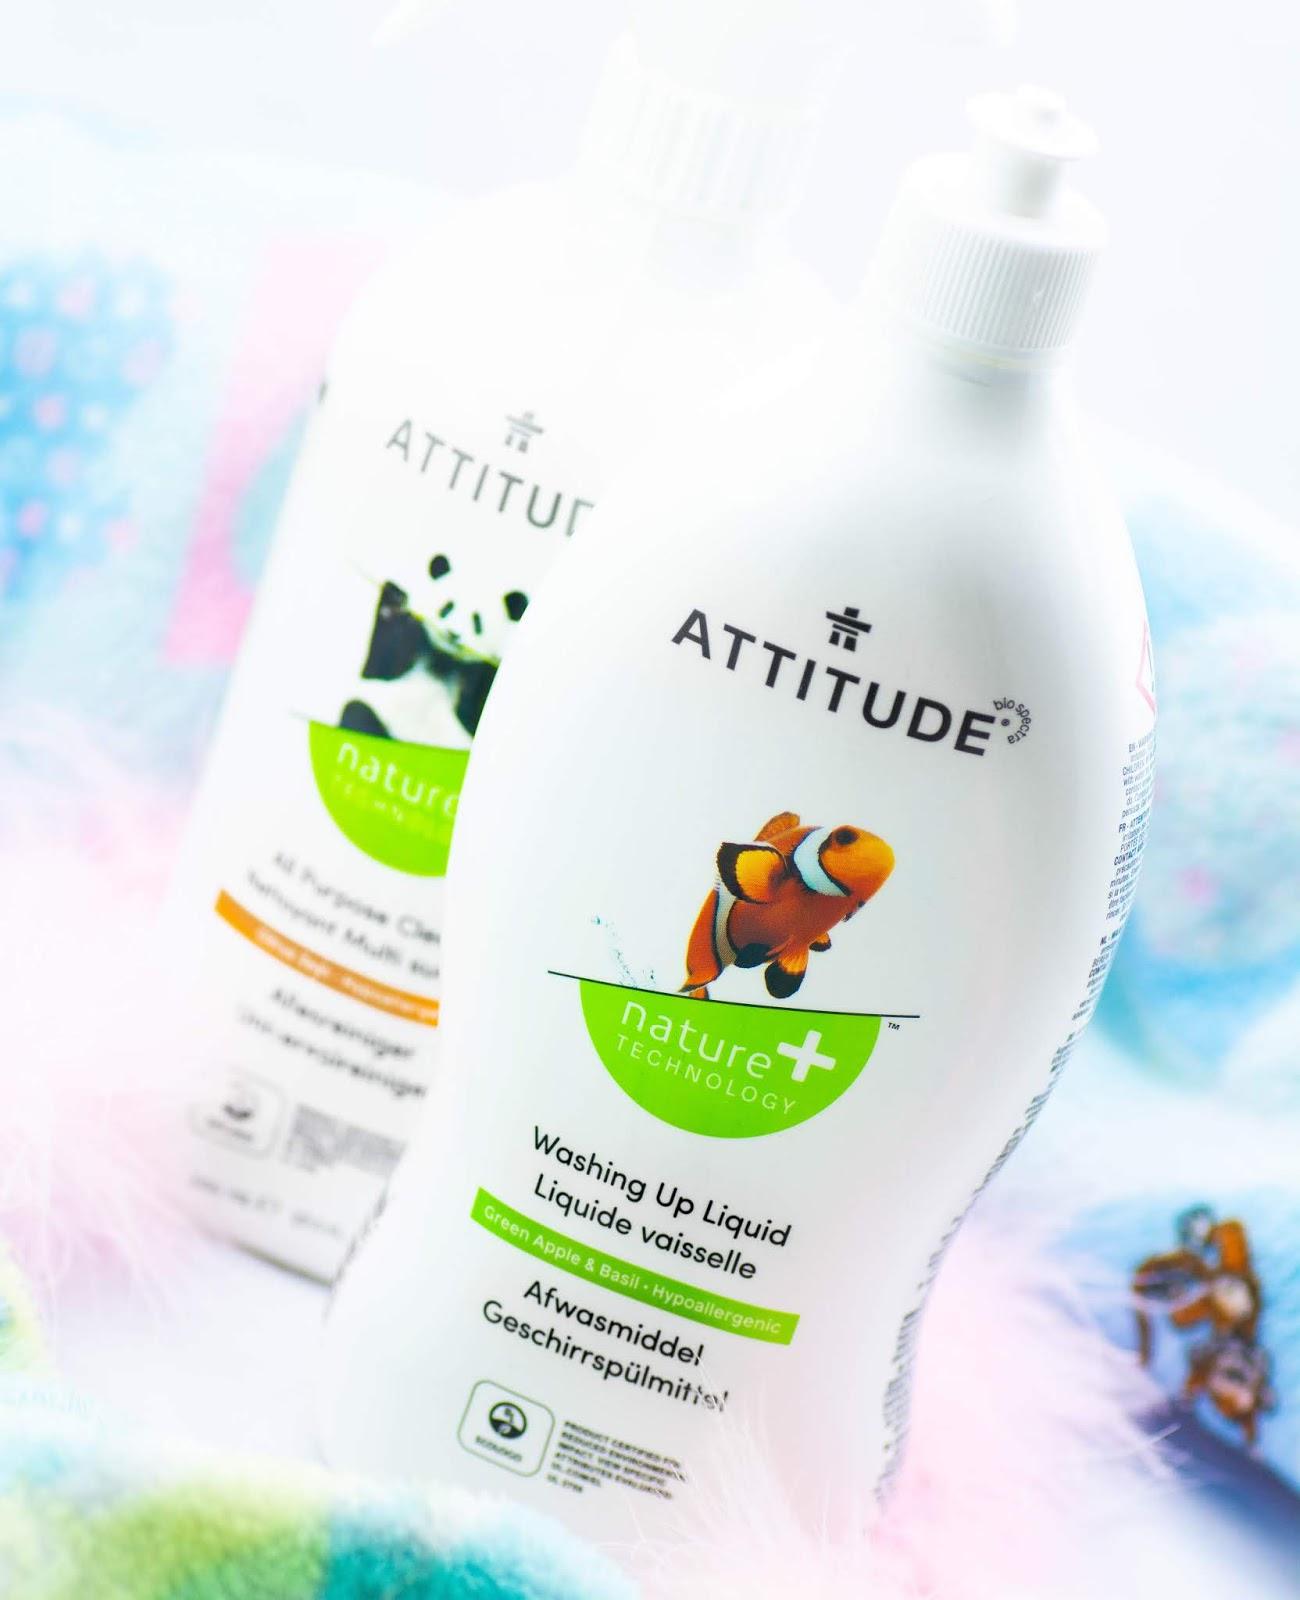 Attitude - ekologiczna marka dla dzieci, domu... i środowiska!